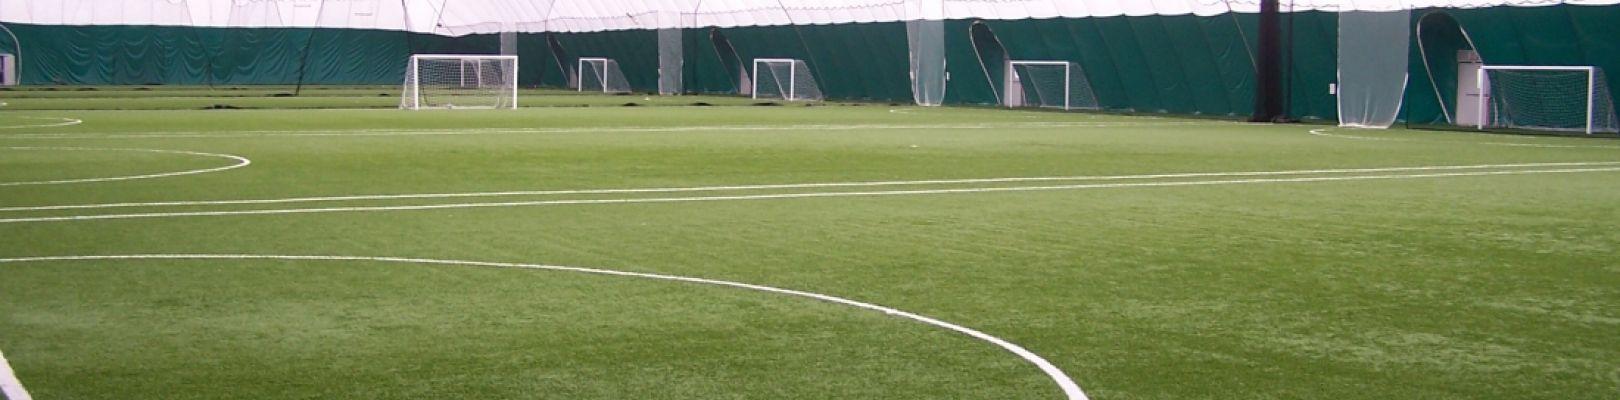 Seaton Carew – Soccer Dome Concept